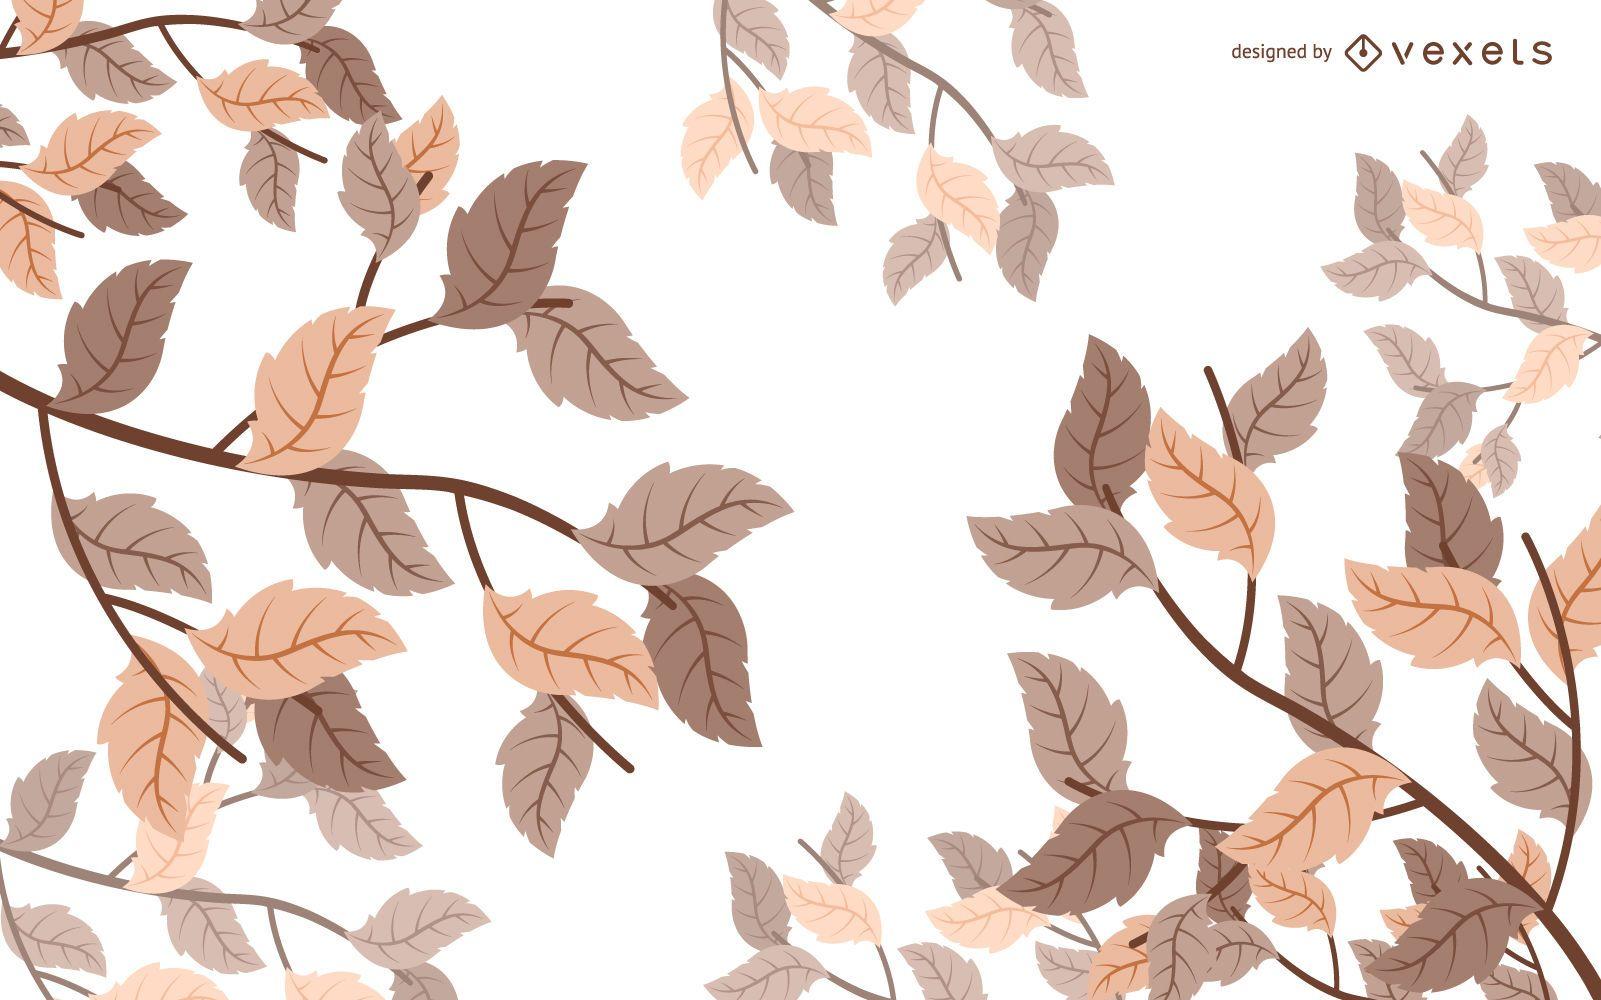 Fondo ilustrado de hojas de otoño